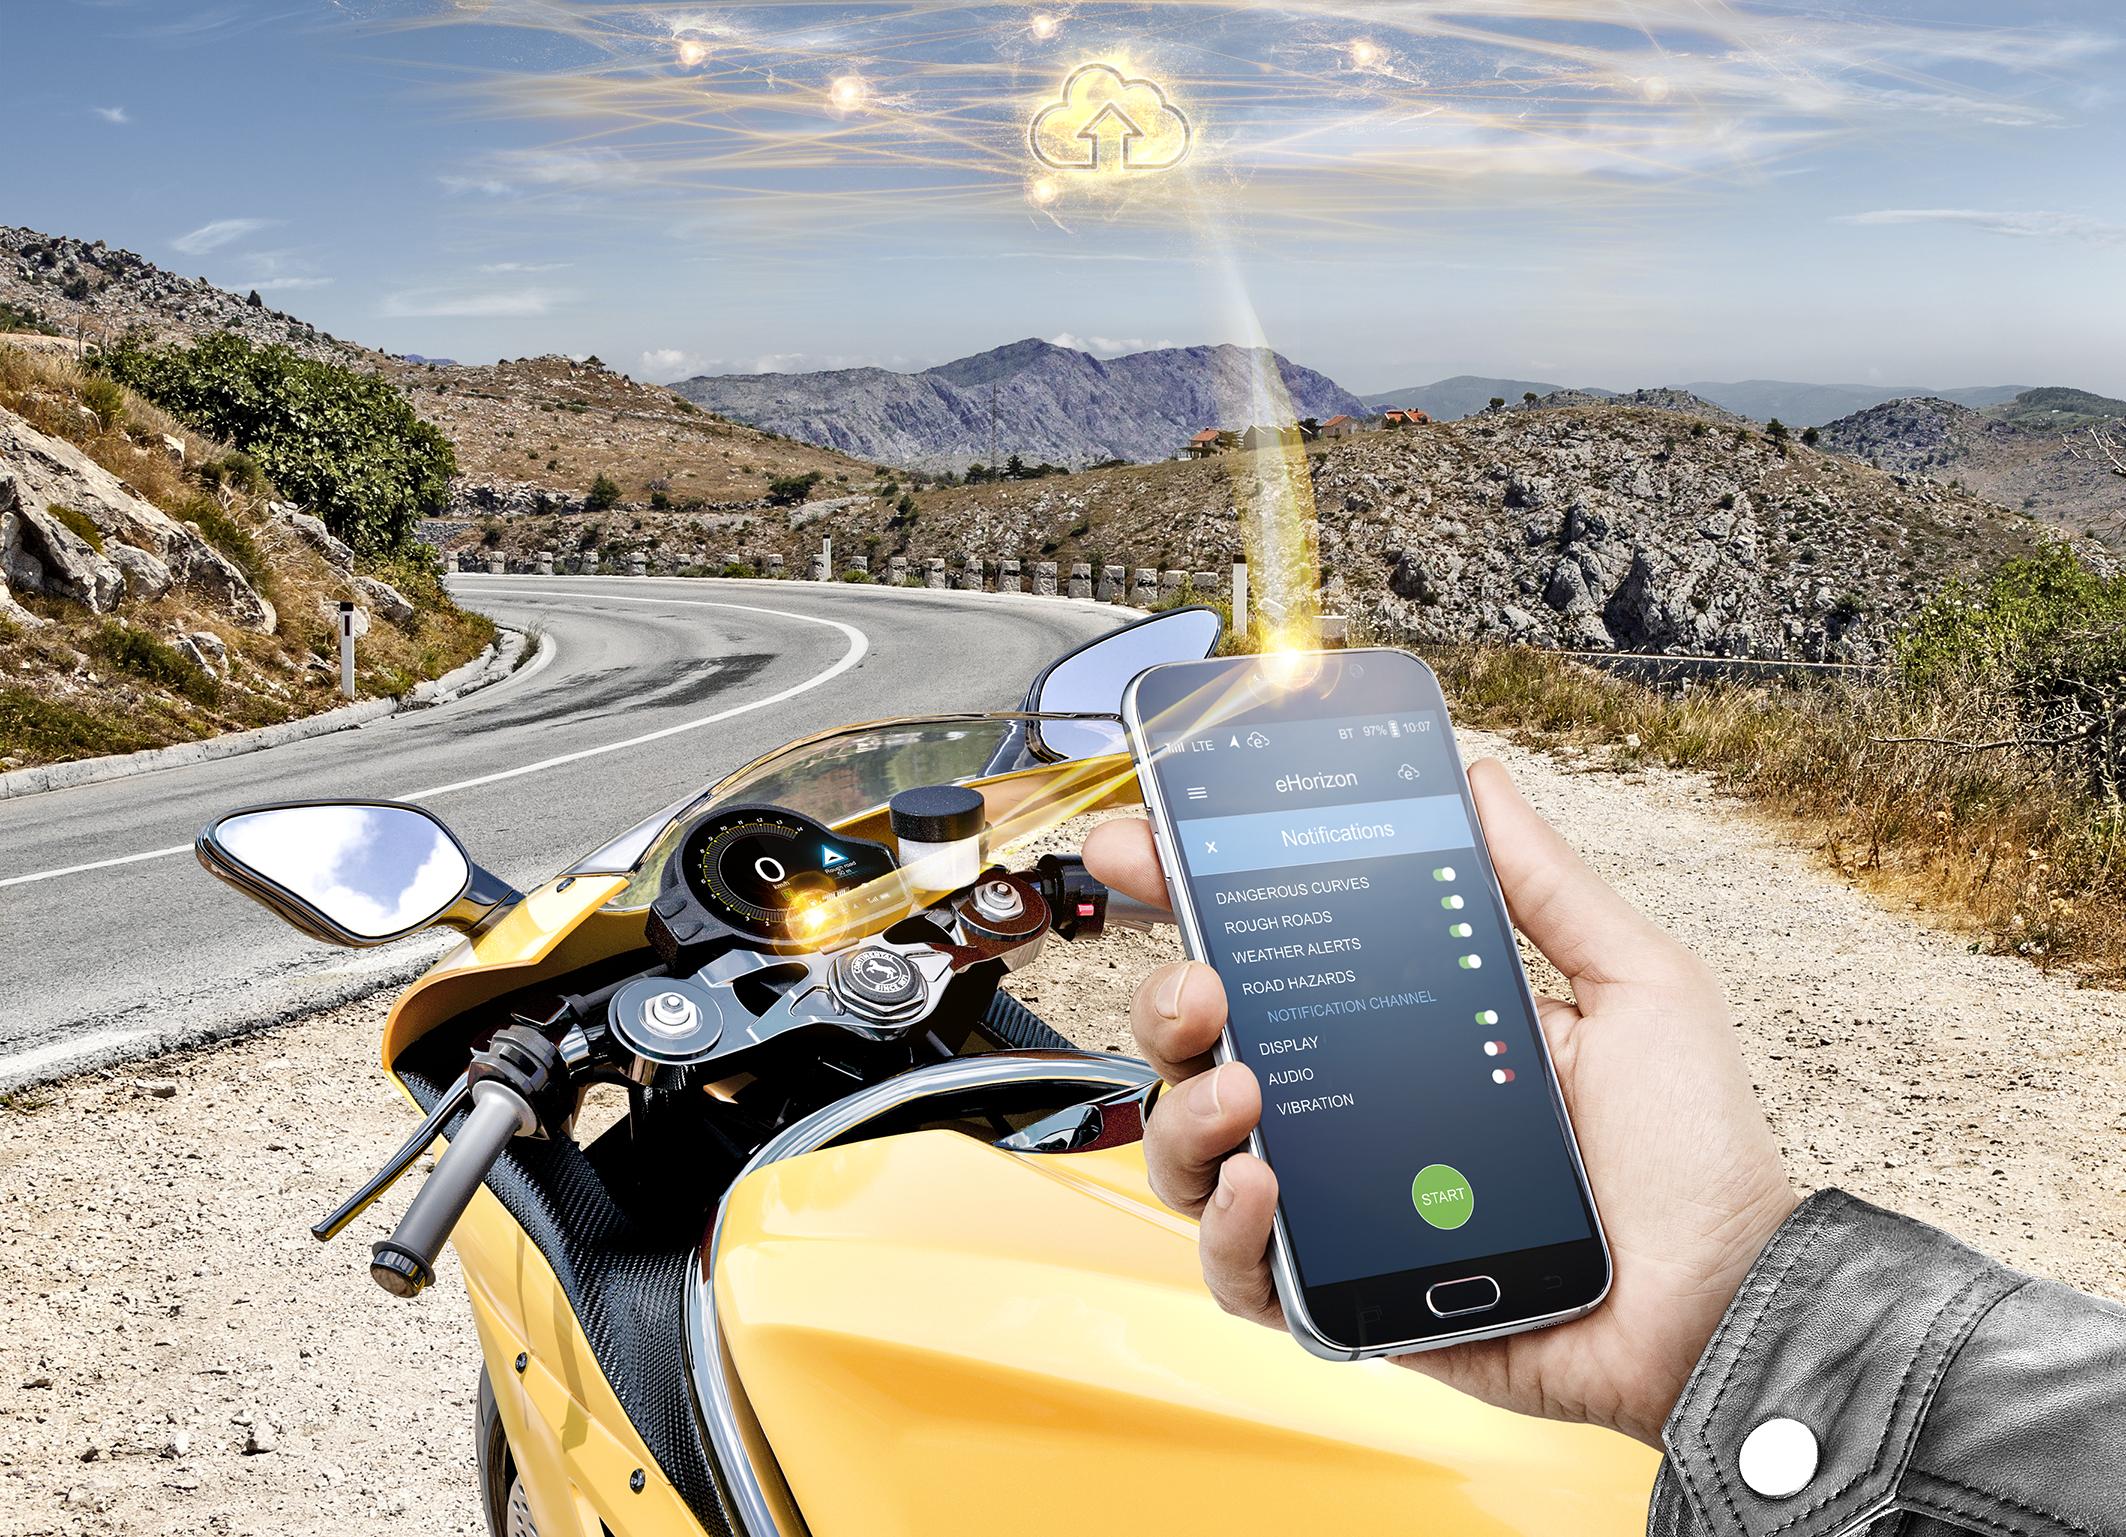 Telefon komórkowy zostaje w Twojej kieszeni: Continental prezentuje koncepcję połączonych usług dla motocykli